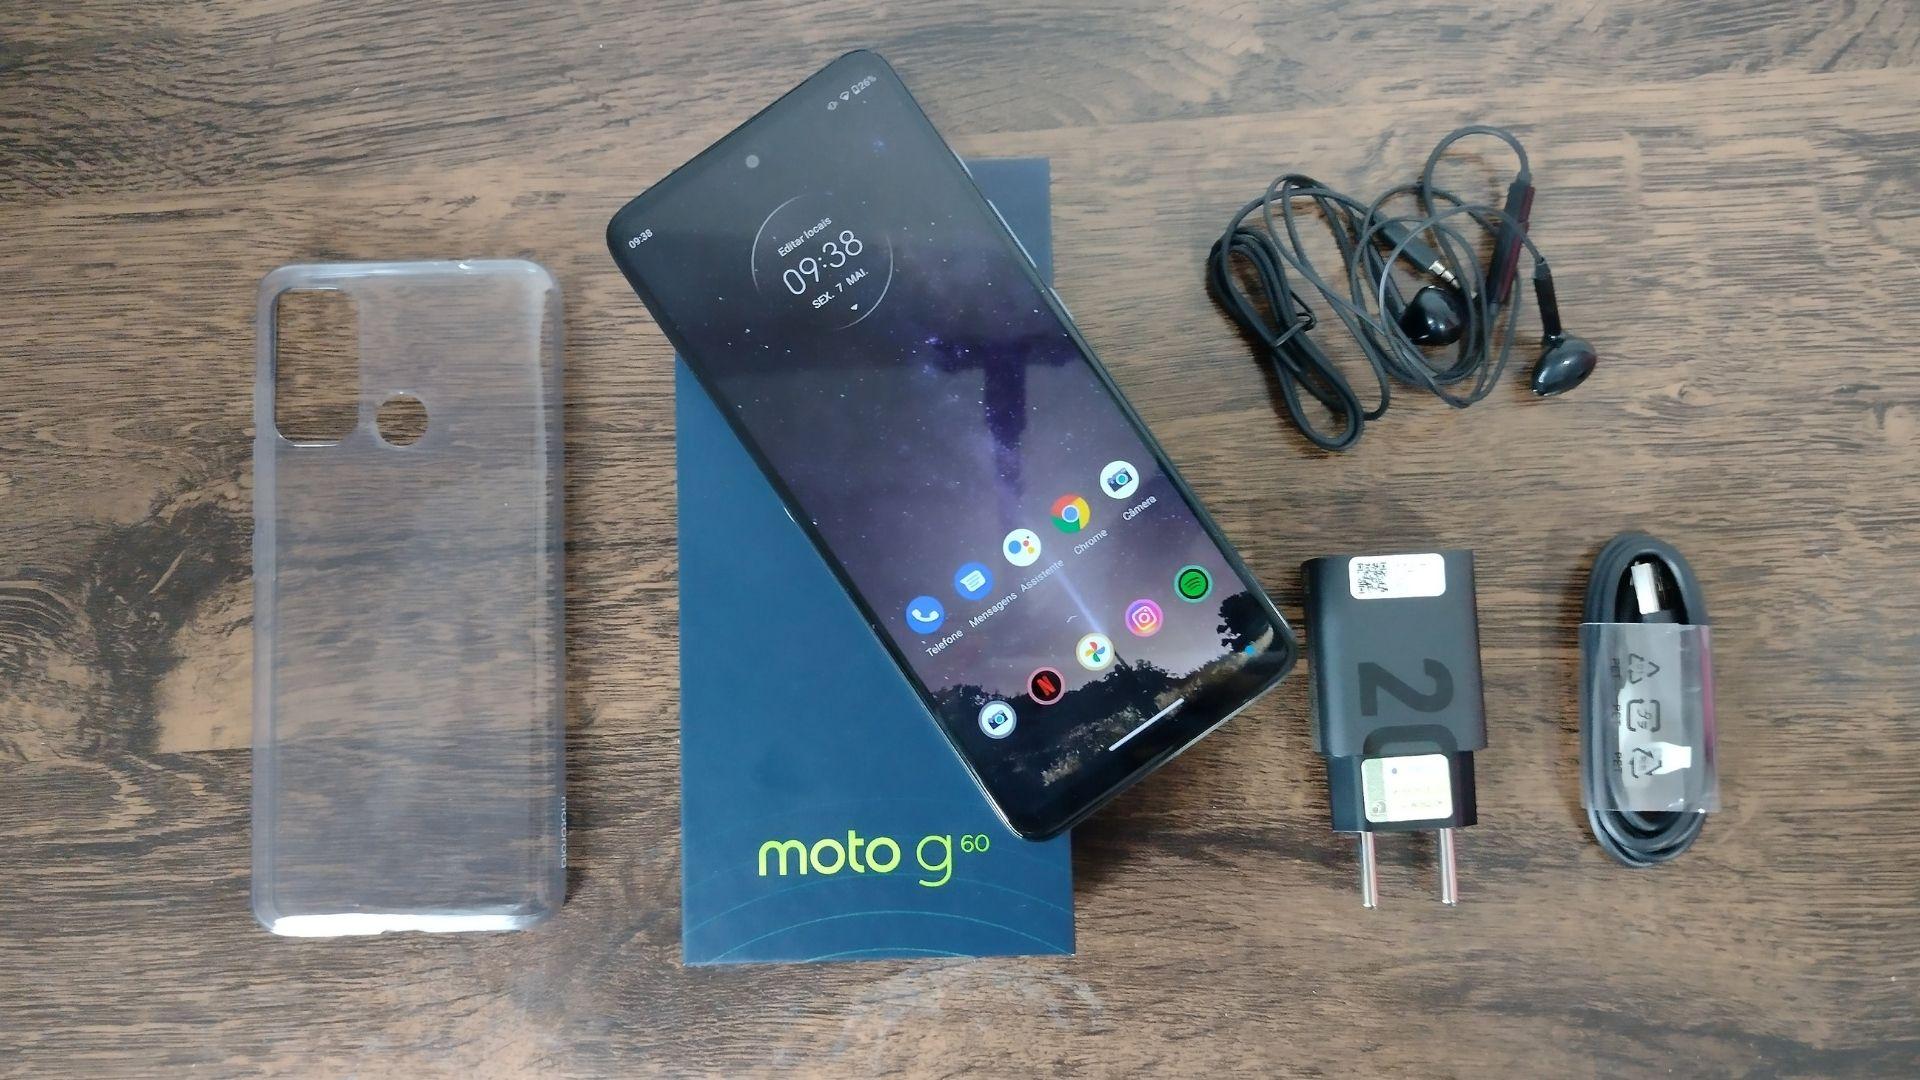 Imagem mostra Moto G60 acompanhado pelo carregador, fone de ouvido, capinha e caixa